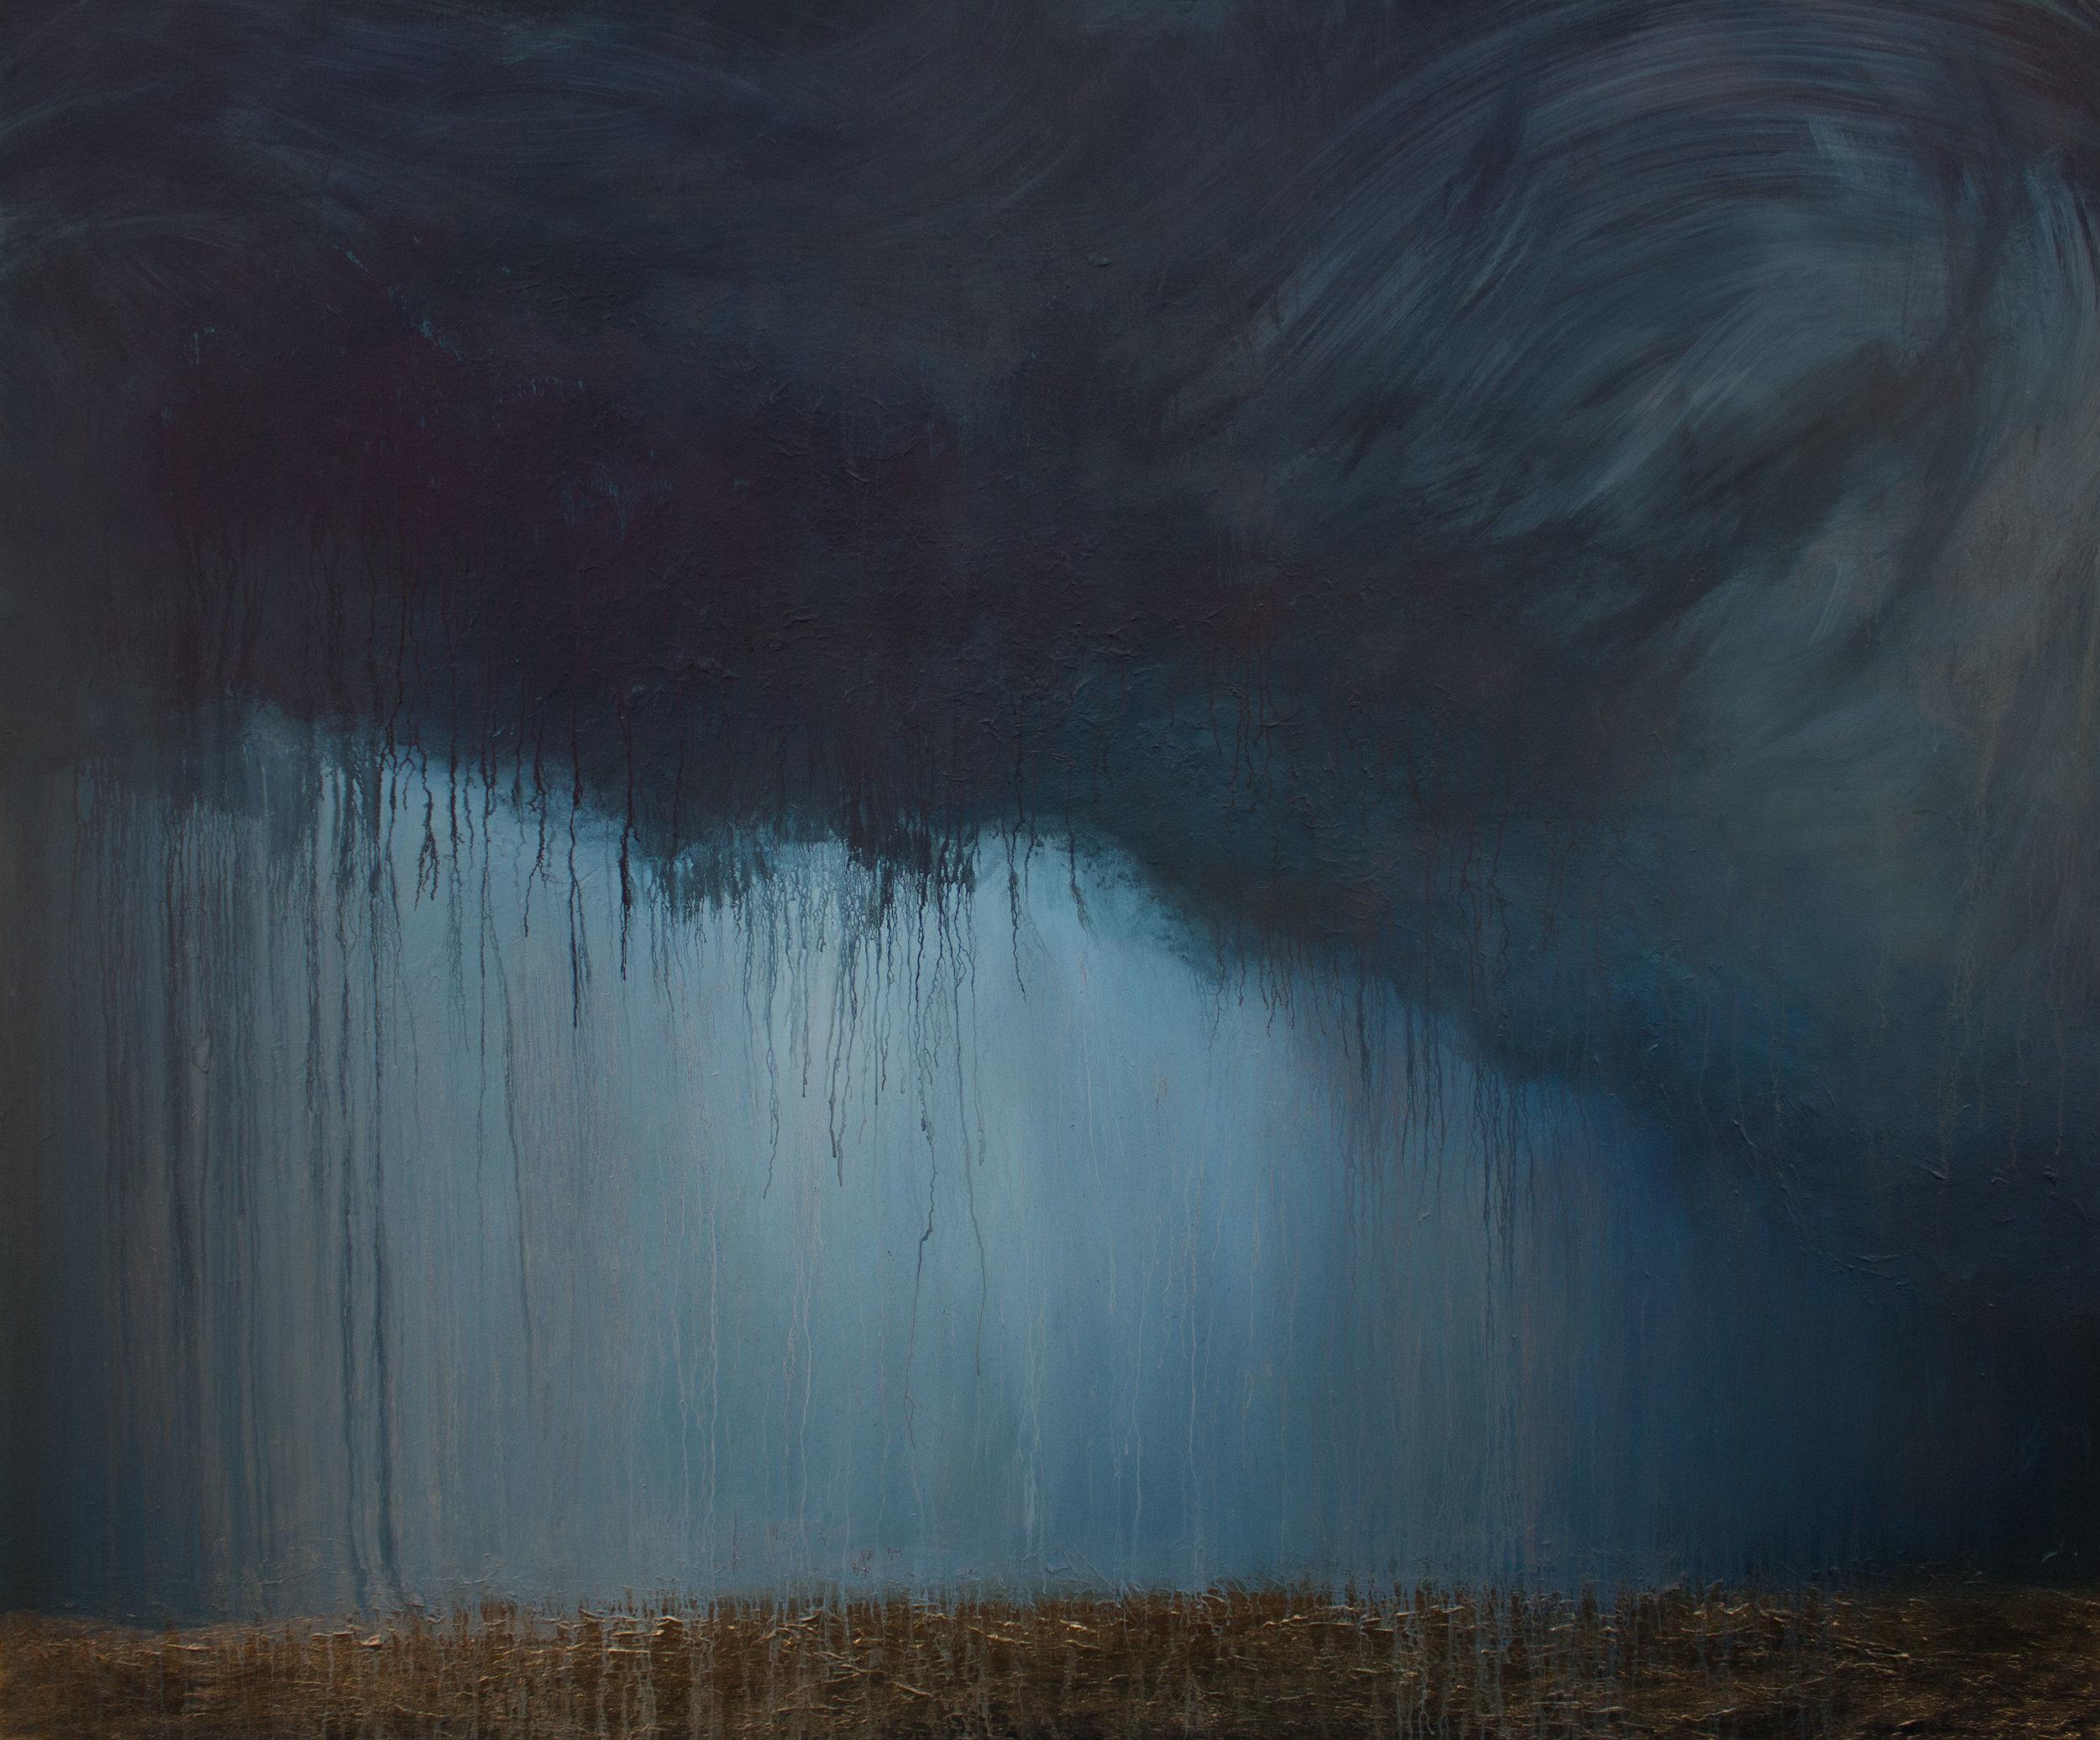 Opt.43.17 Storm